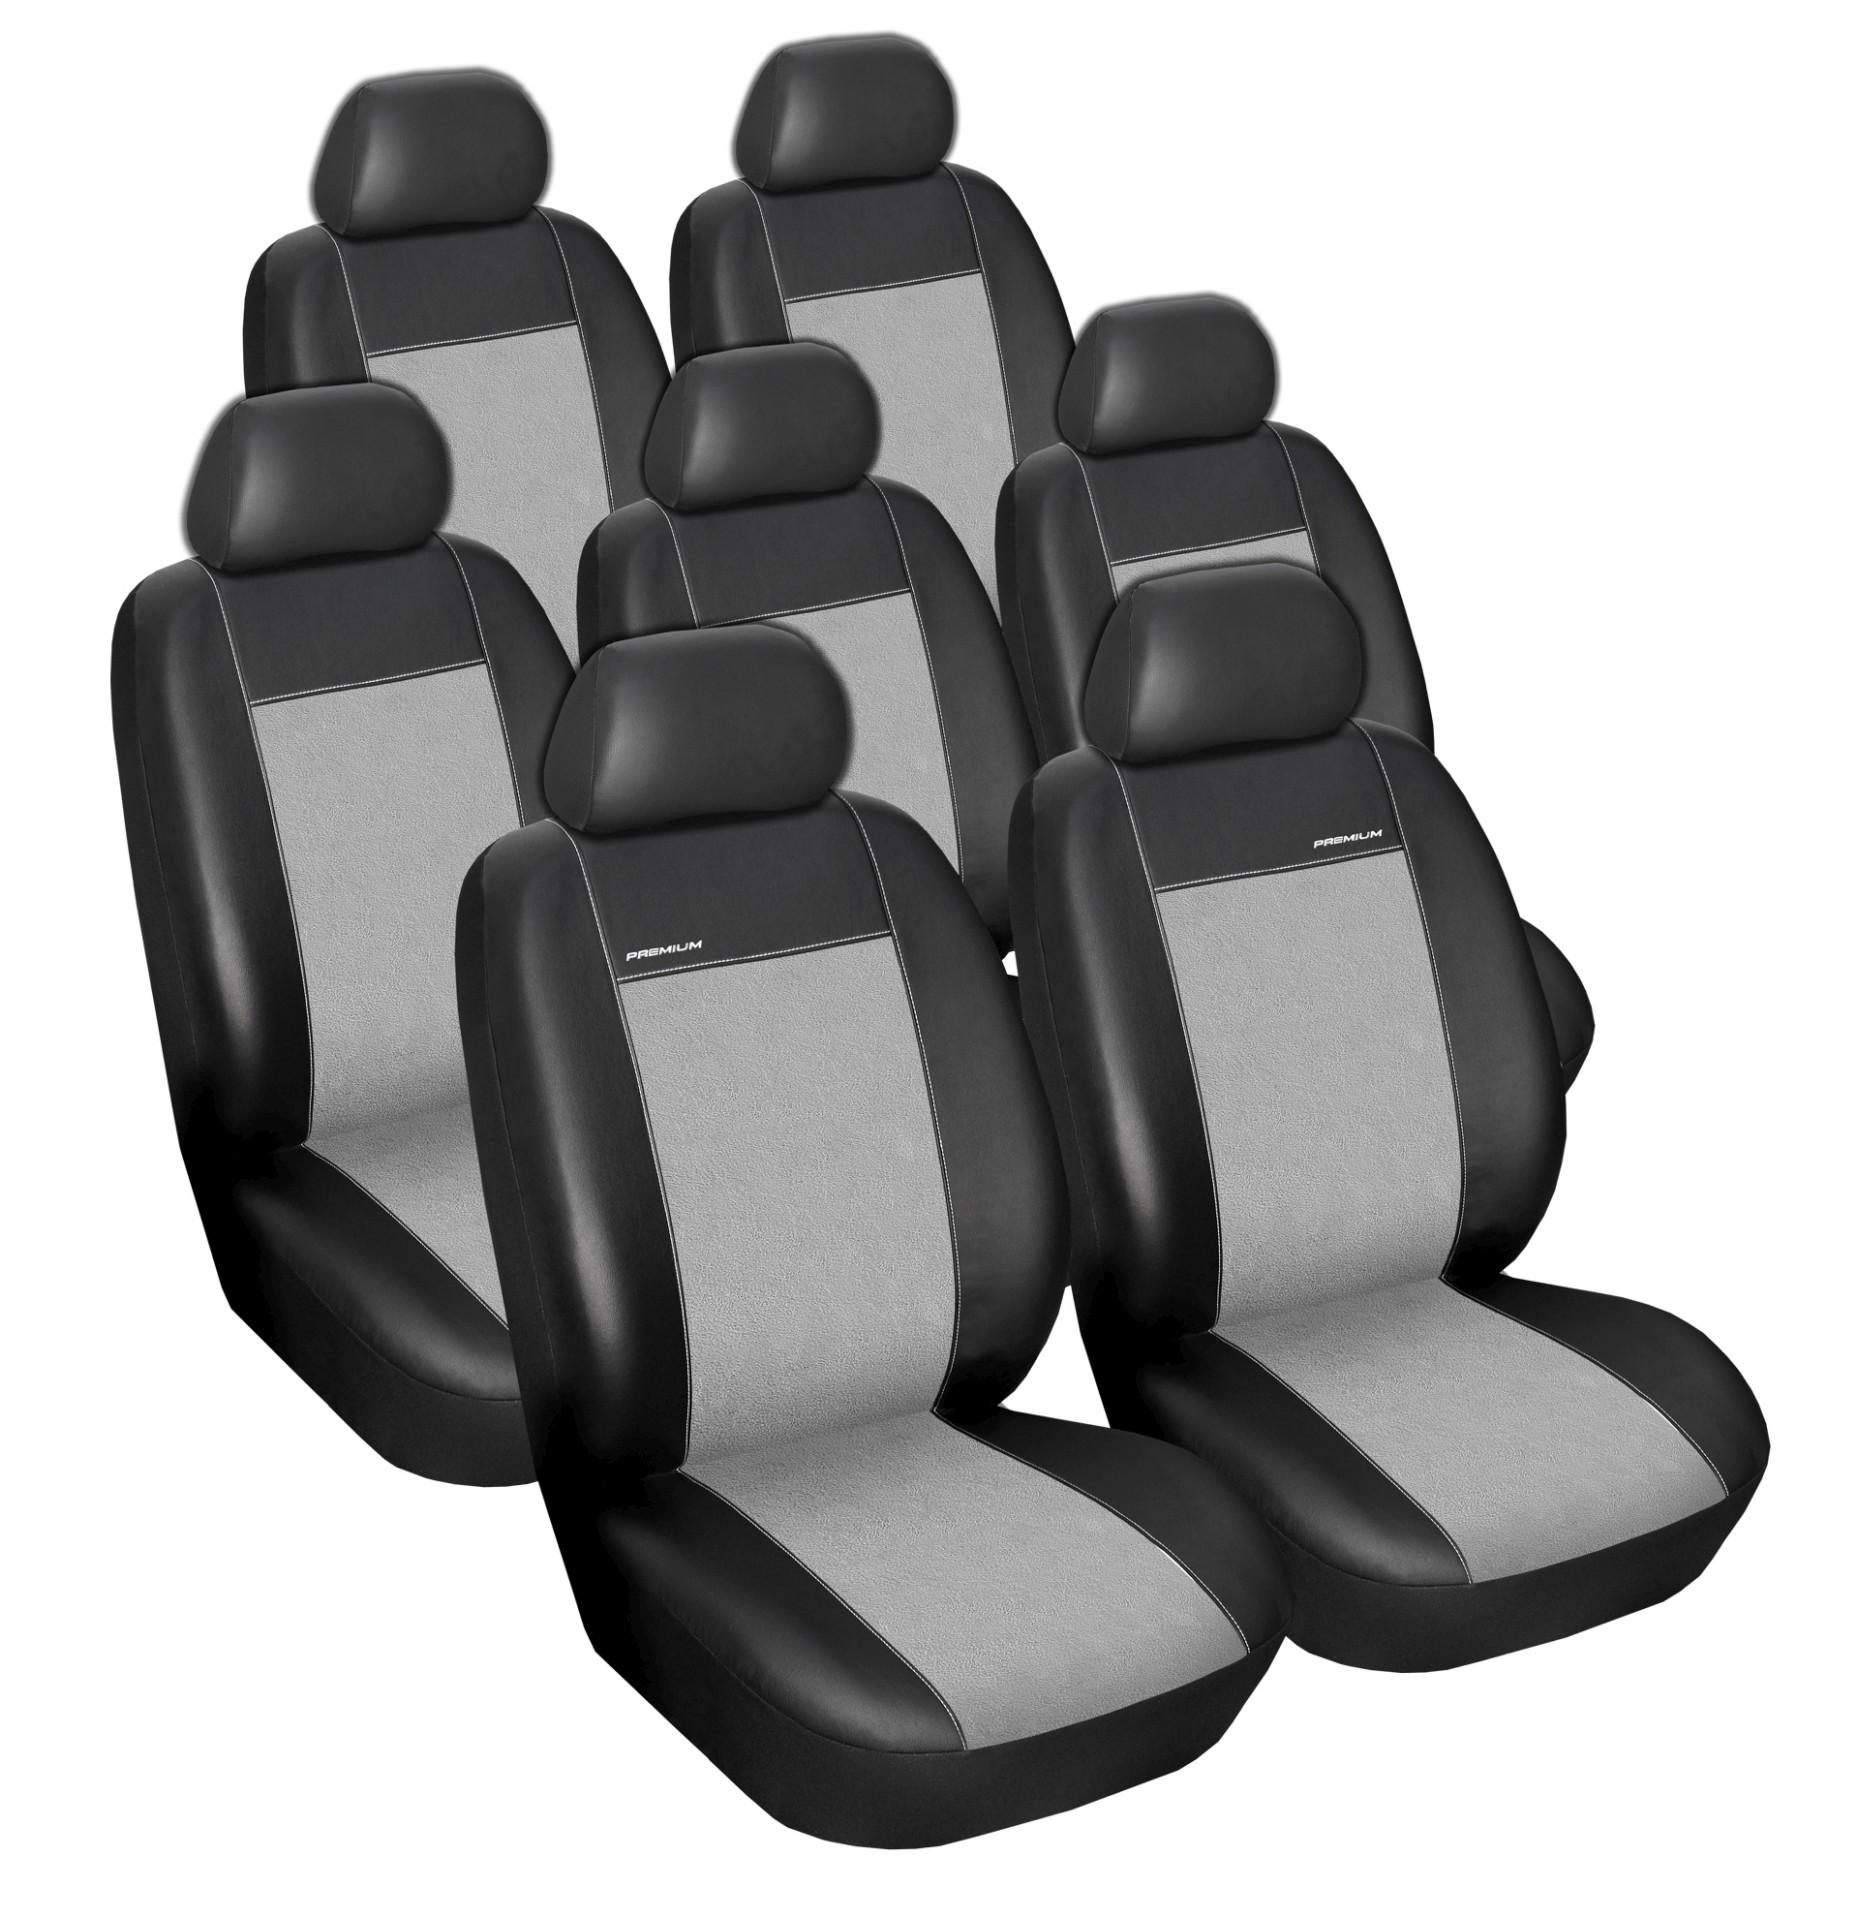 Automega Autopotahy SEAT ALHAMBRA II, od r. 2010, 7 míst, Eko kůže šedé